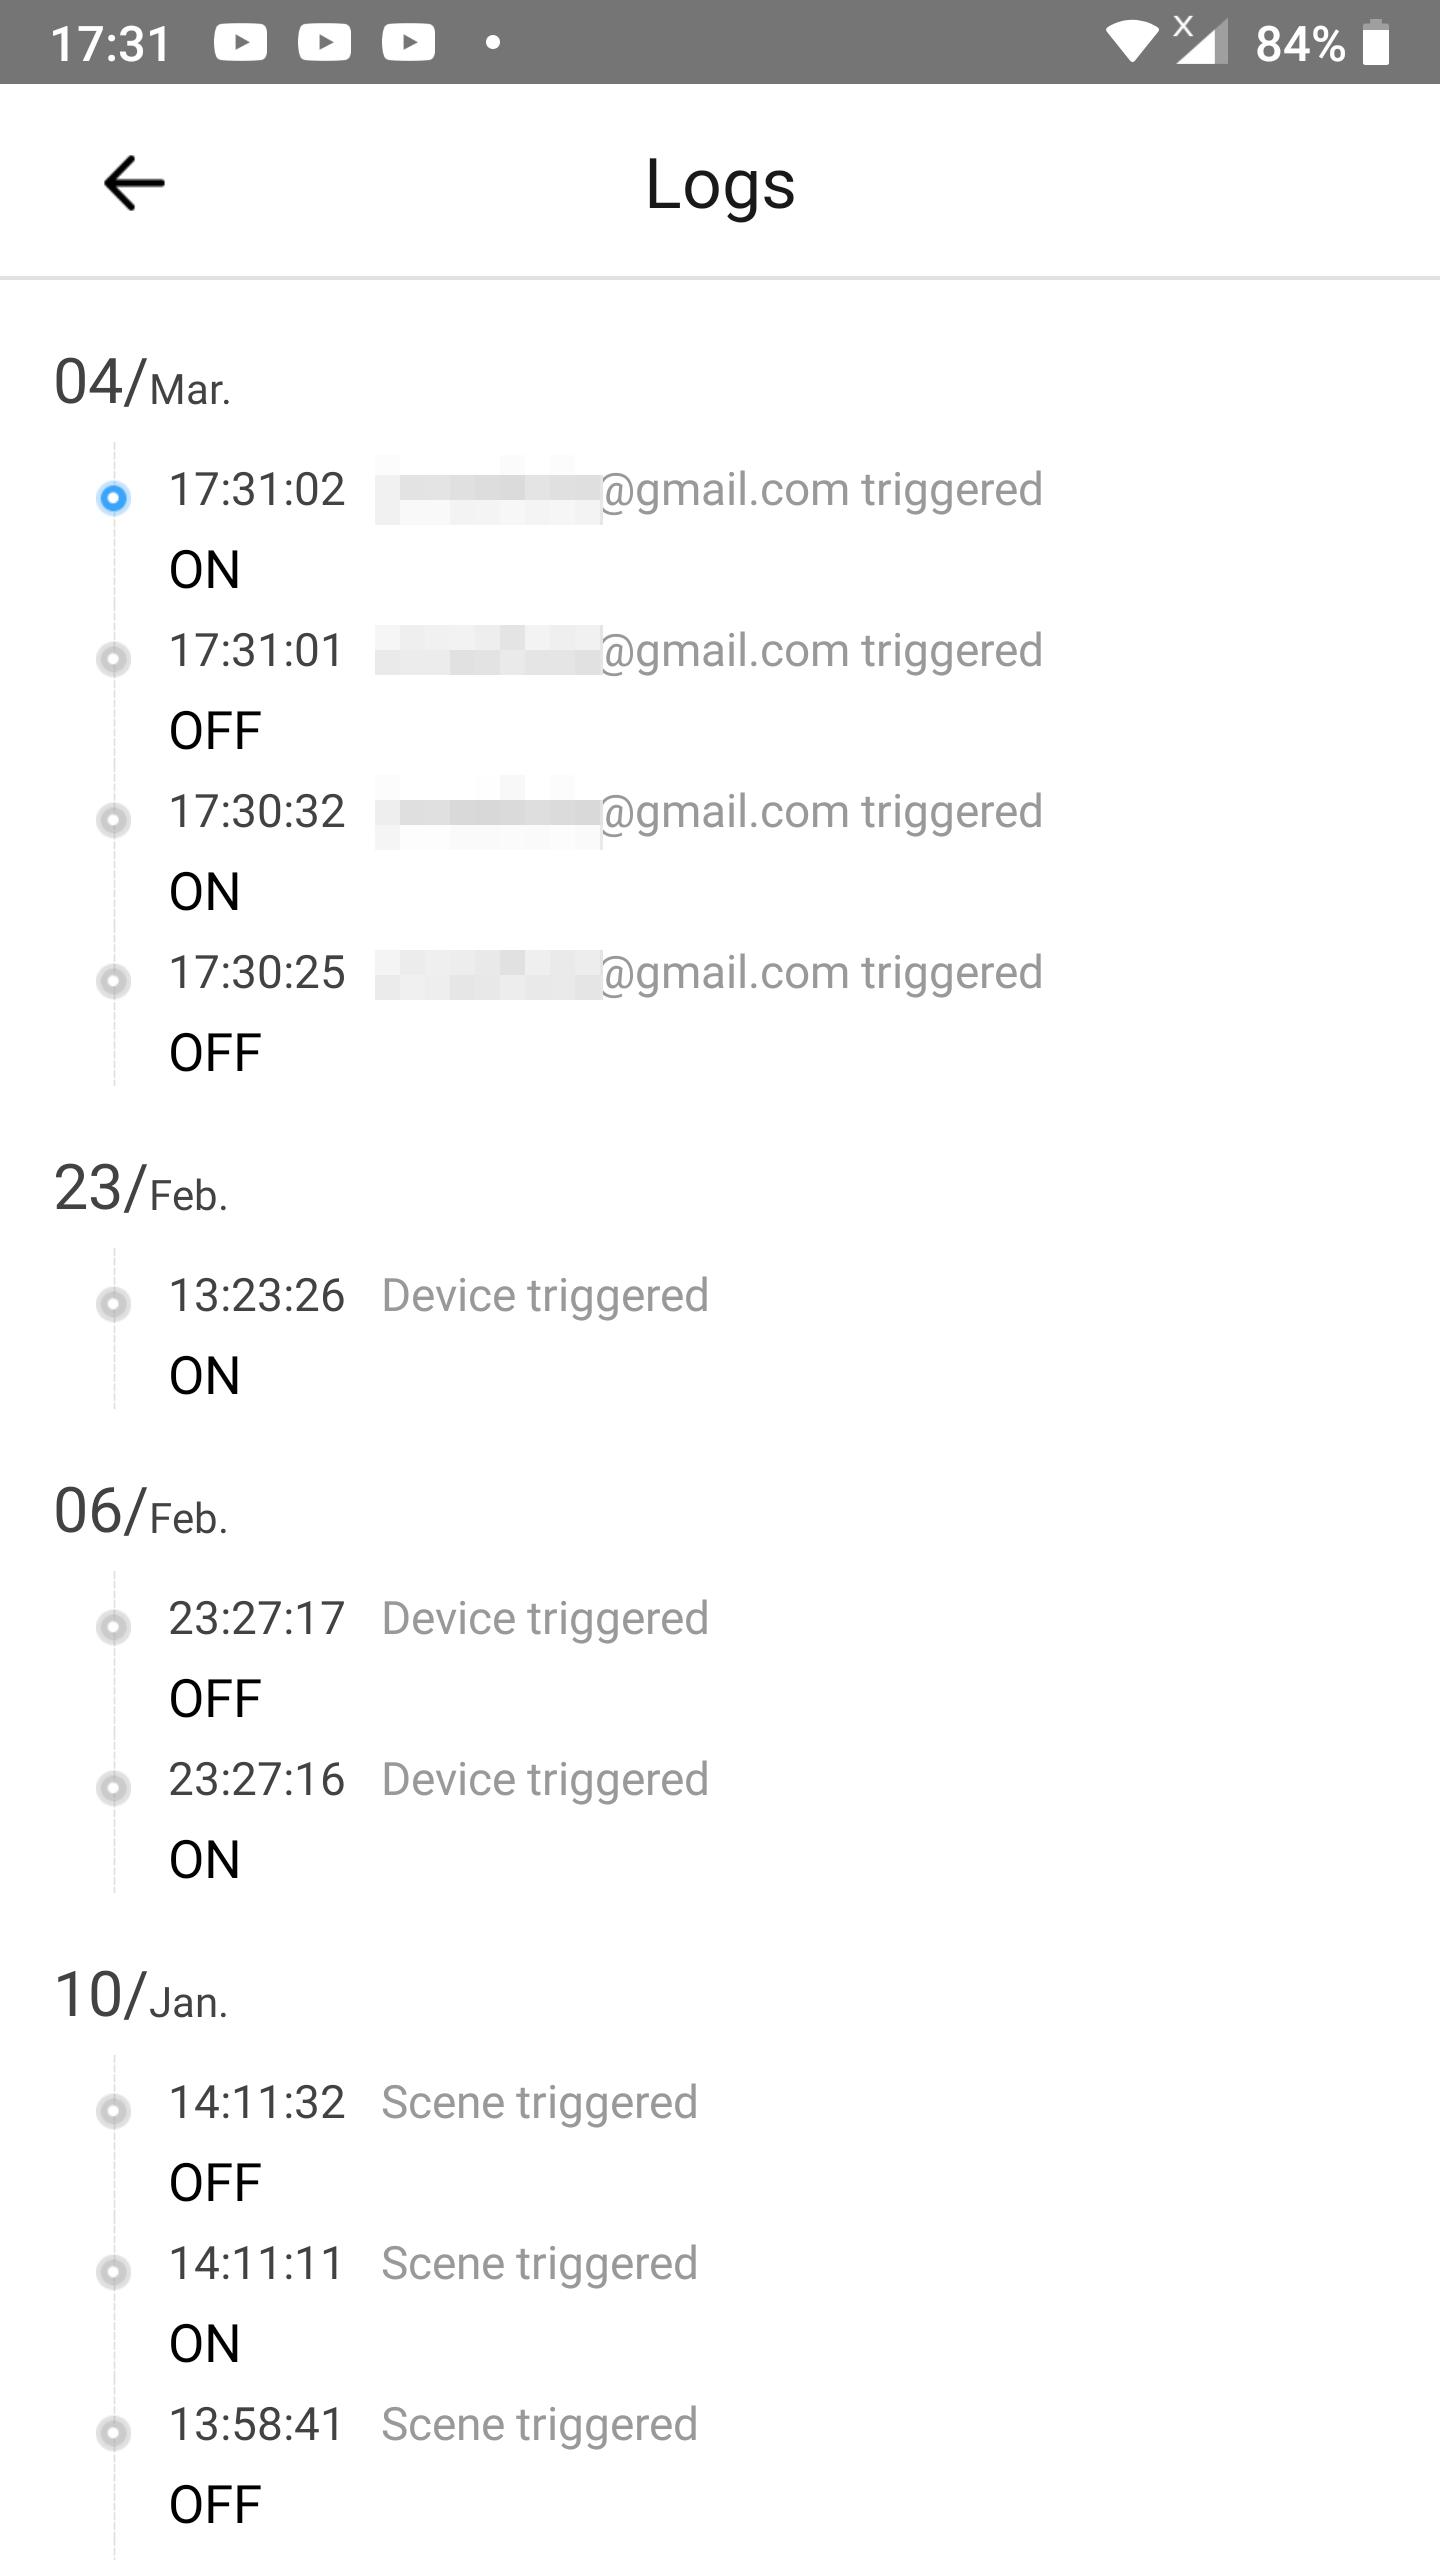 KB: Read and interpret logs: Logs